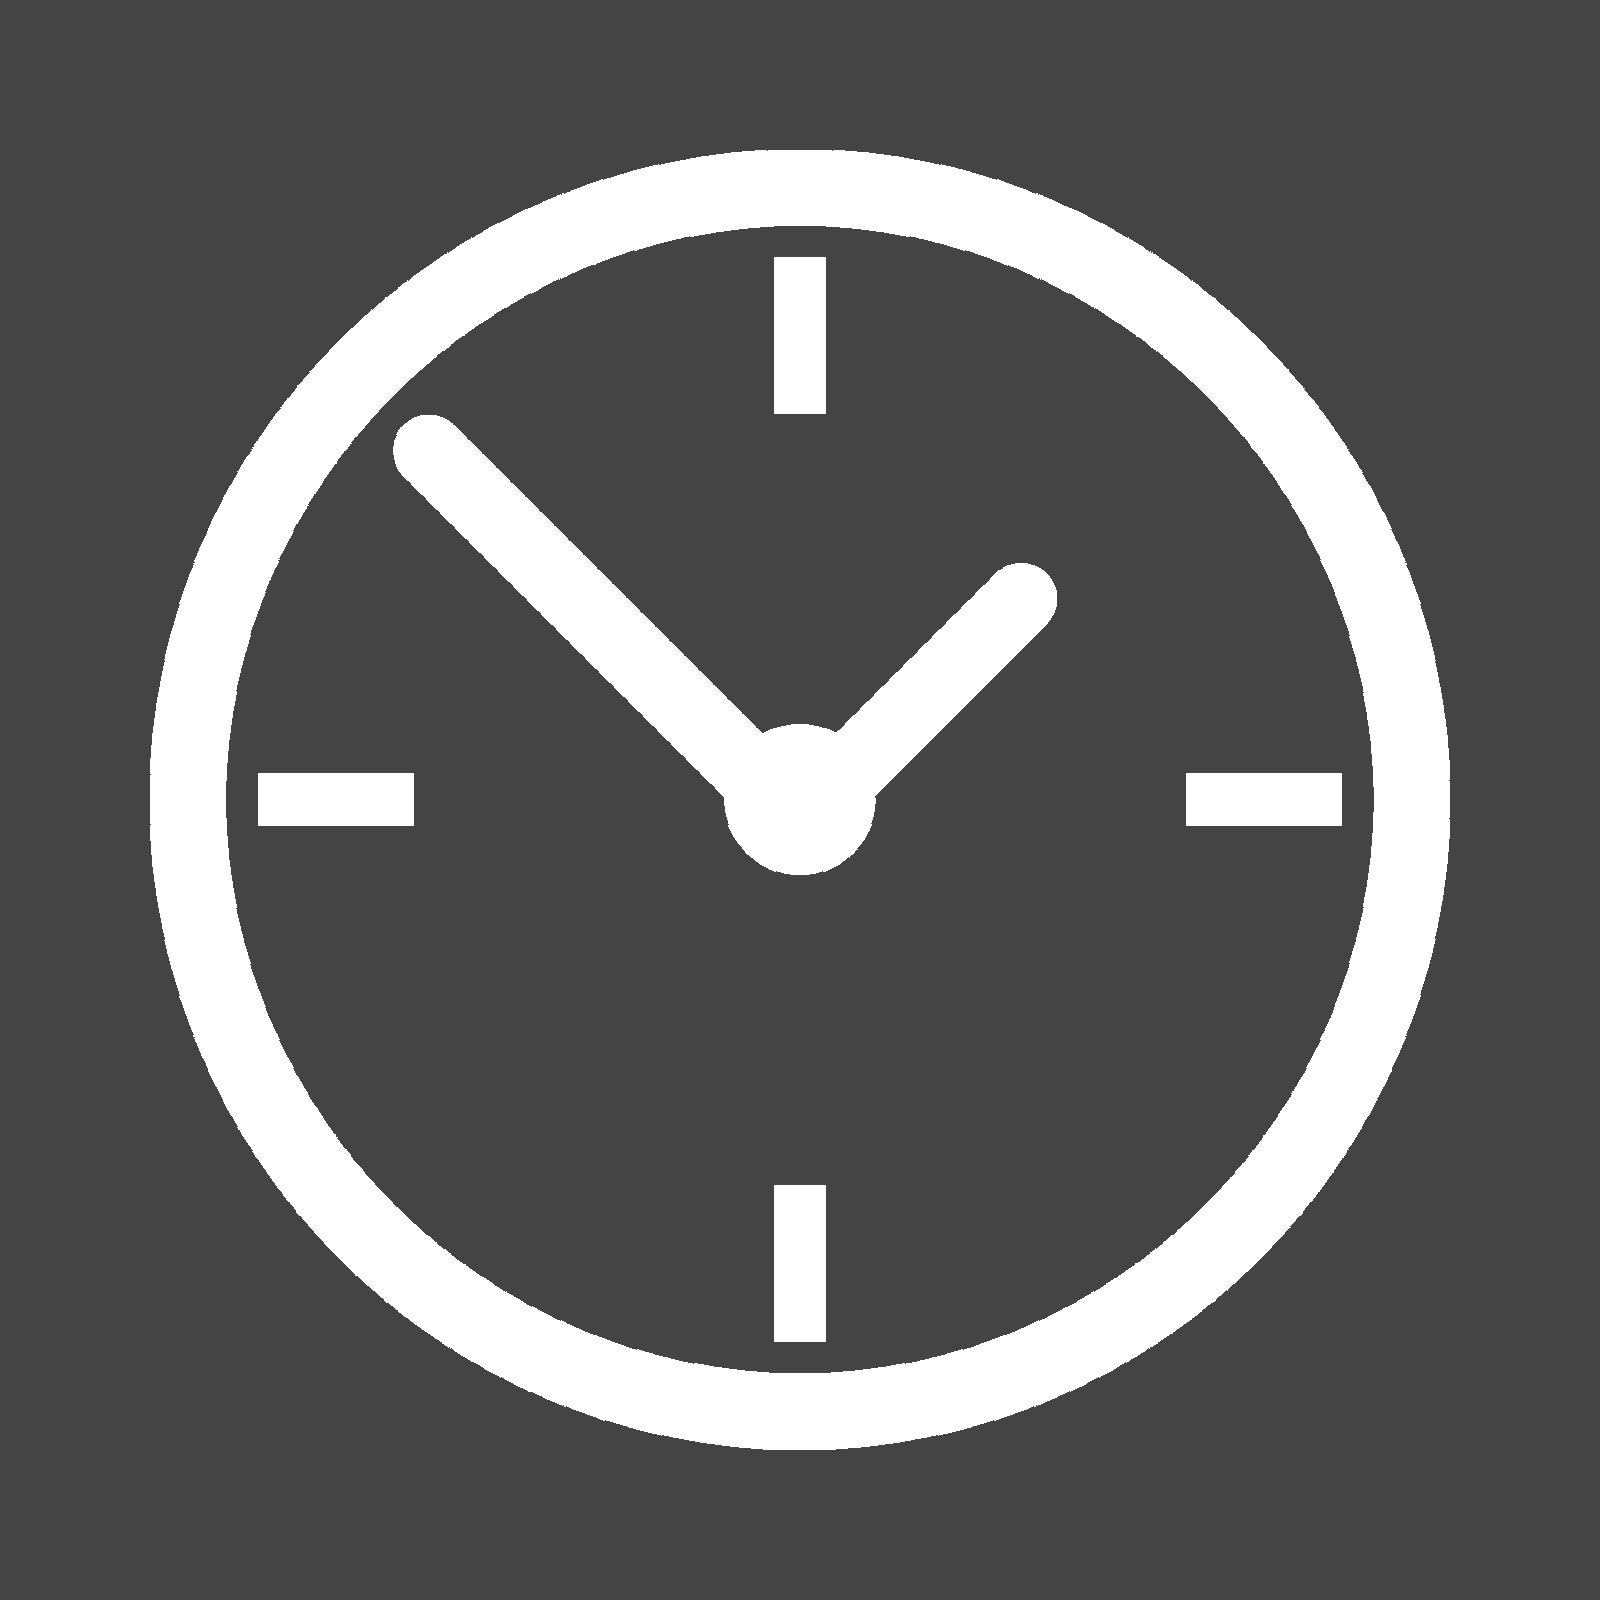 Time Unit Conversions